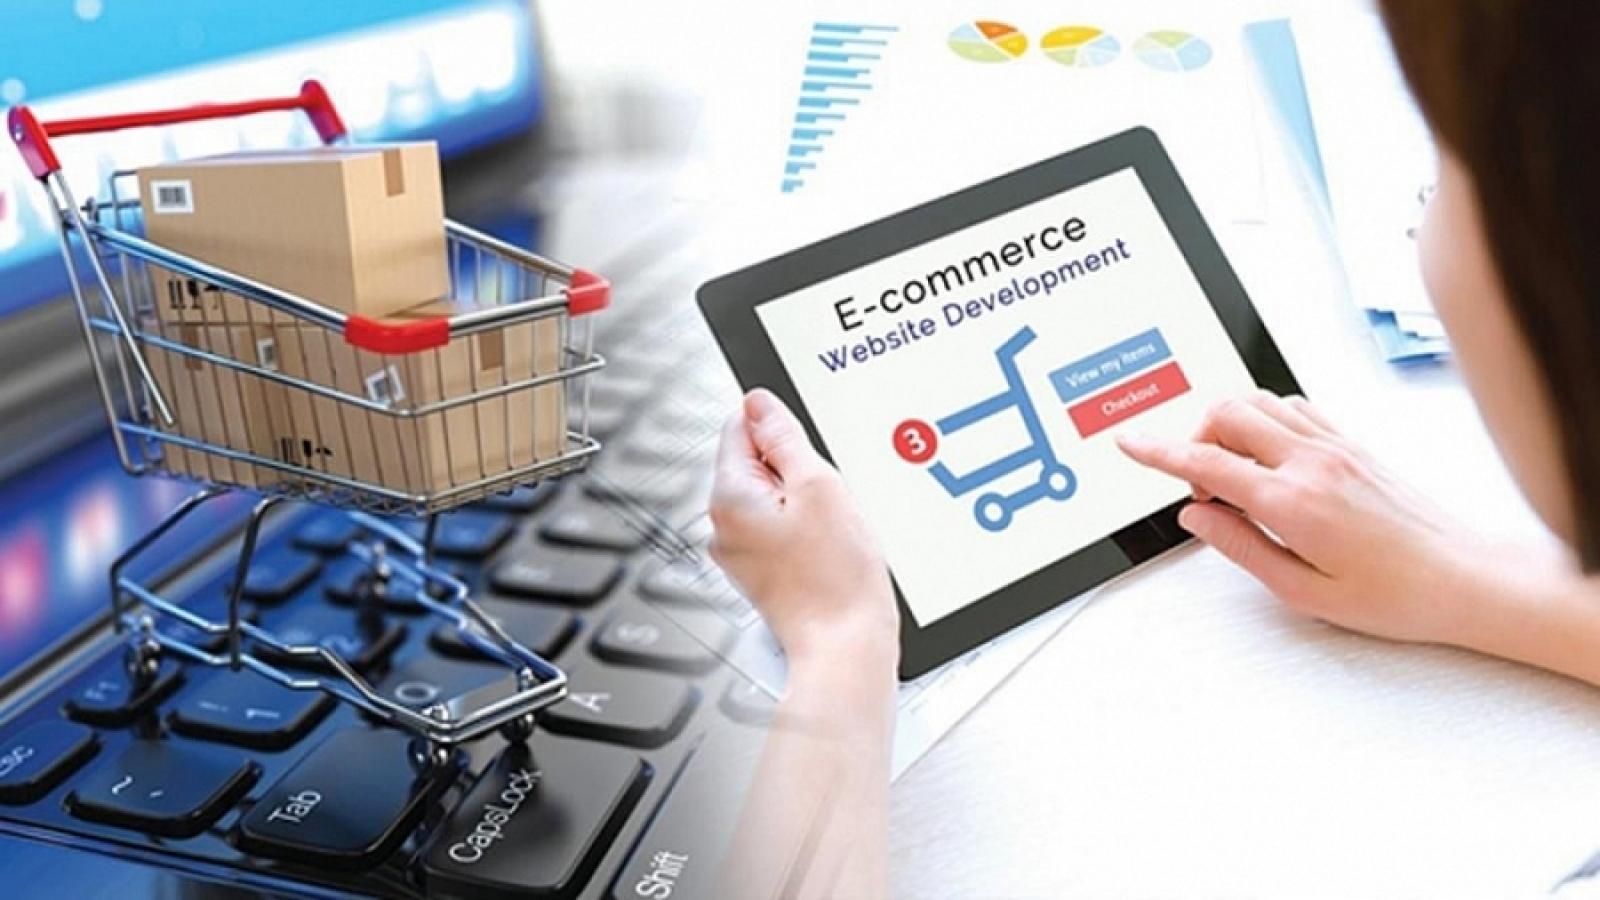 Sàn thương mại điện tử phải kết nối thông tin với cơ quan thuế từ năm 2022